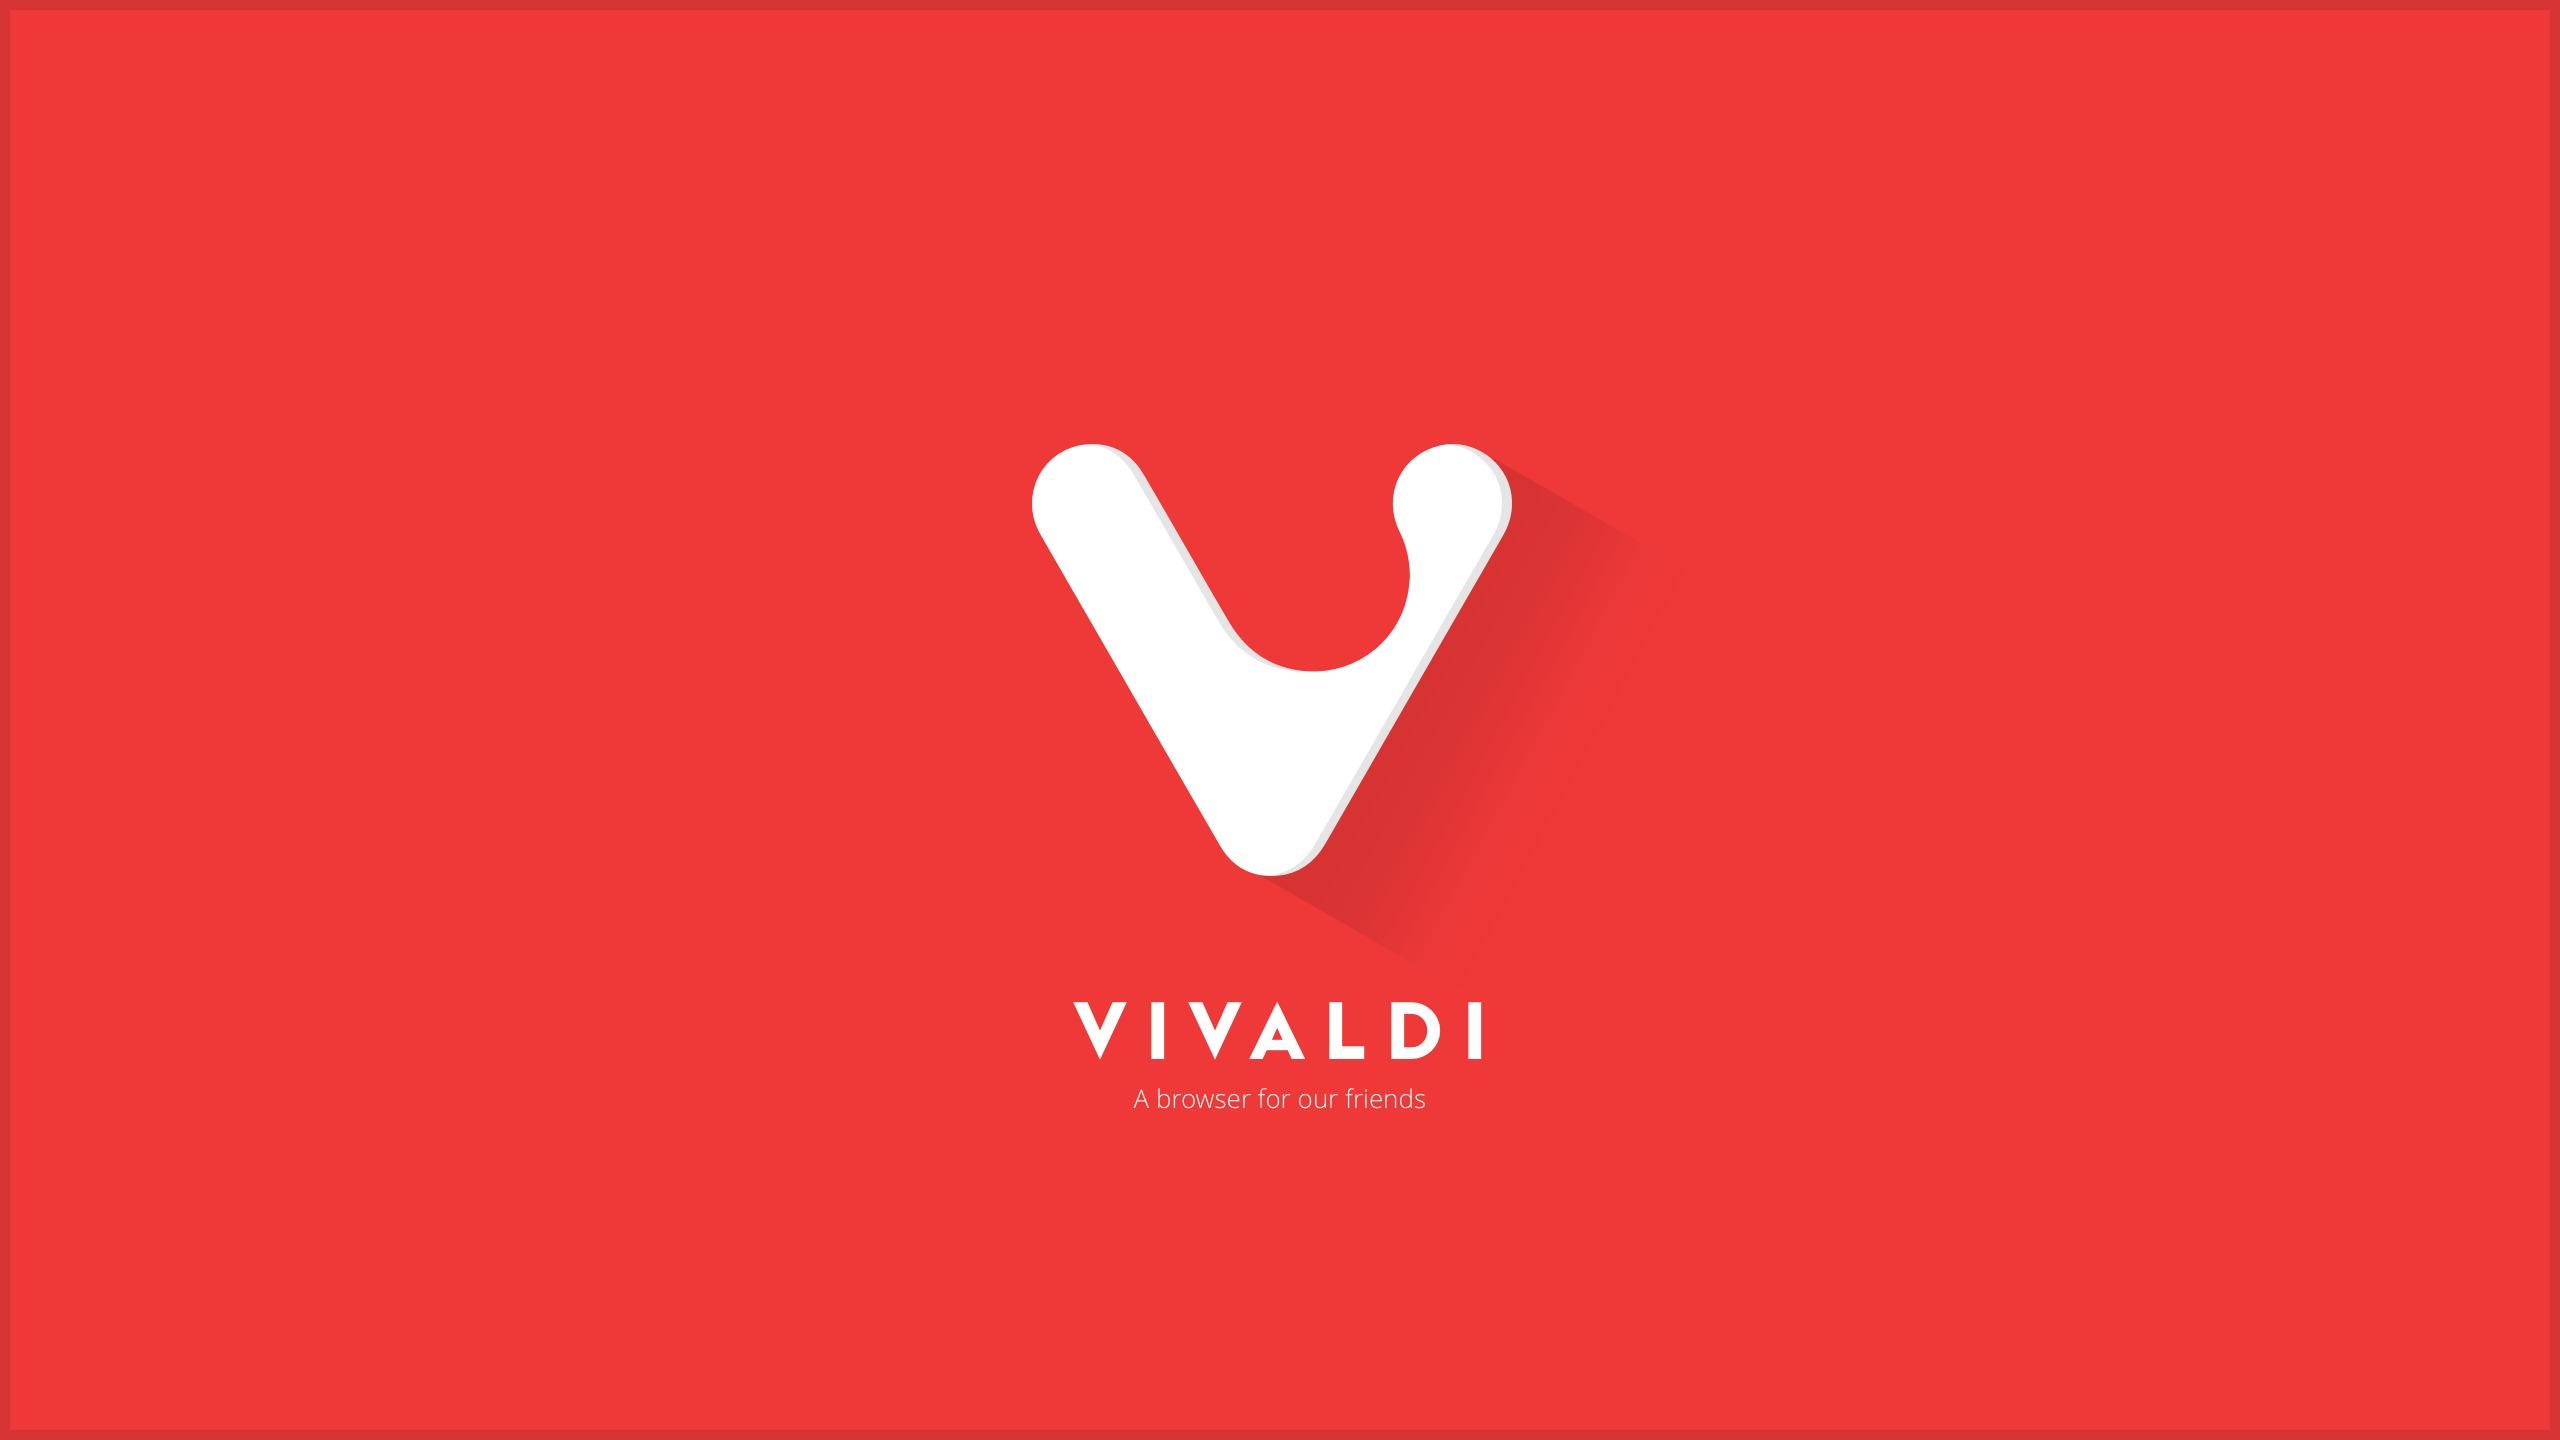 Vivaldi Browser v3.1 Apk Download